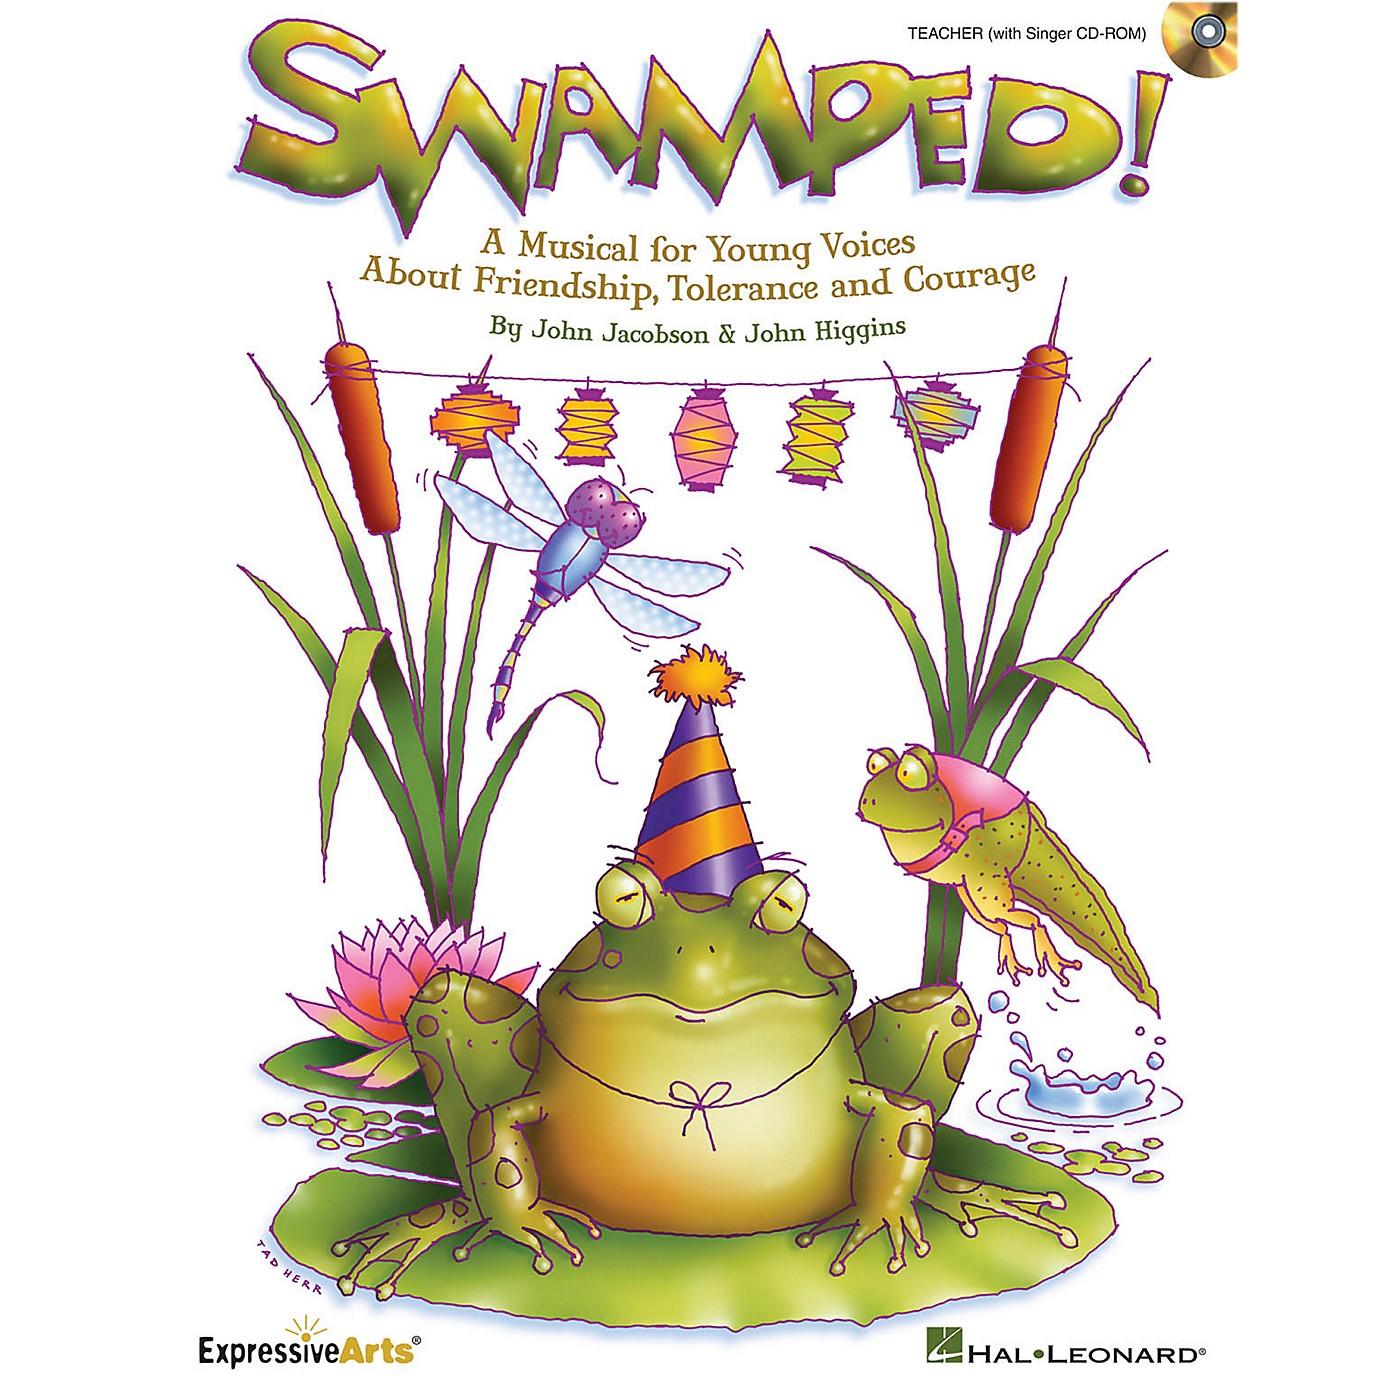 Hal Leonard Swamped! Teacher/Singer CD-ROM thumbnail